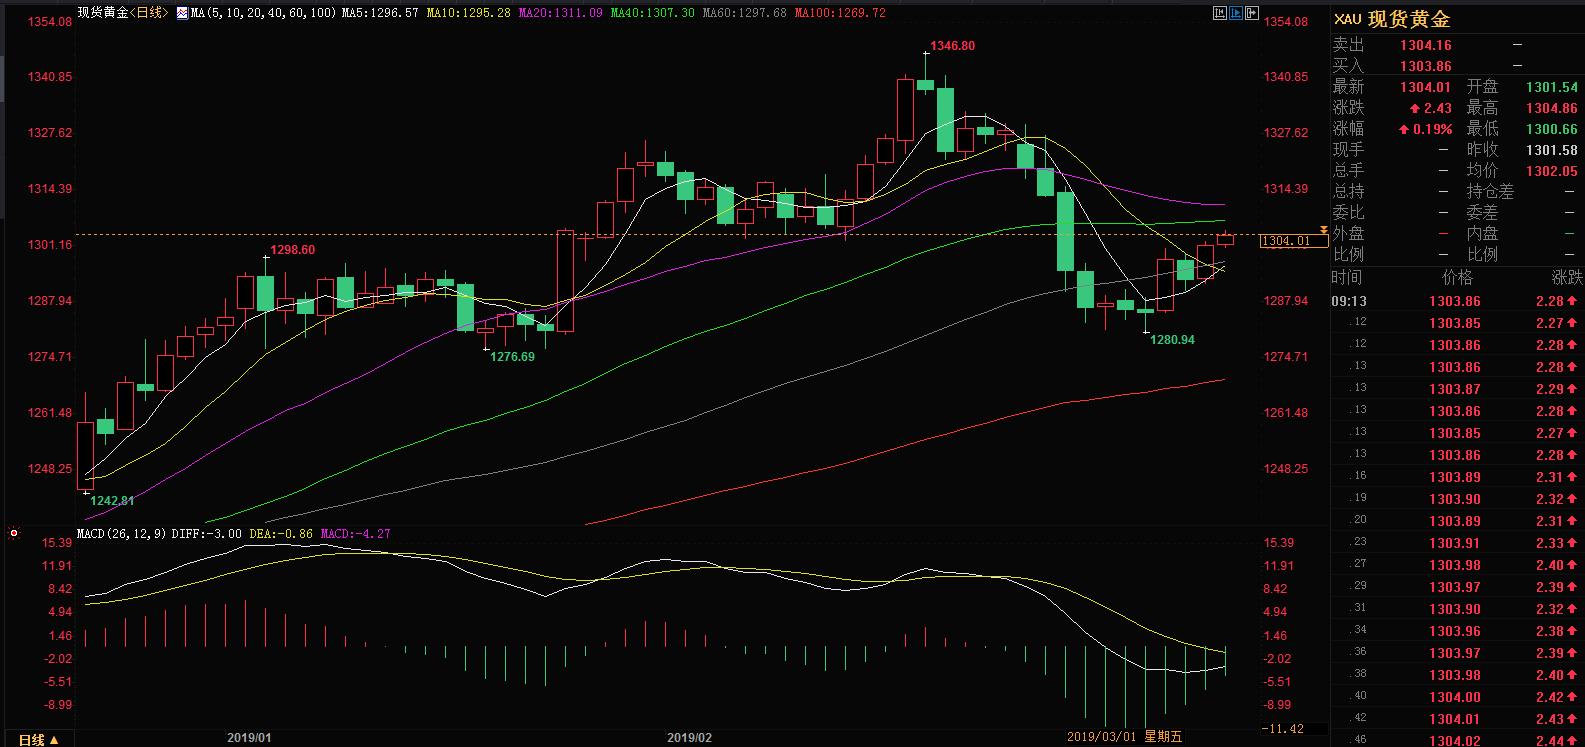 今日现货黄金价格走势图 3月13日国际现货黄金价格